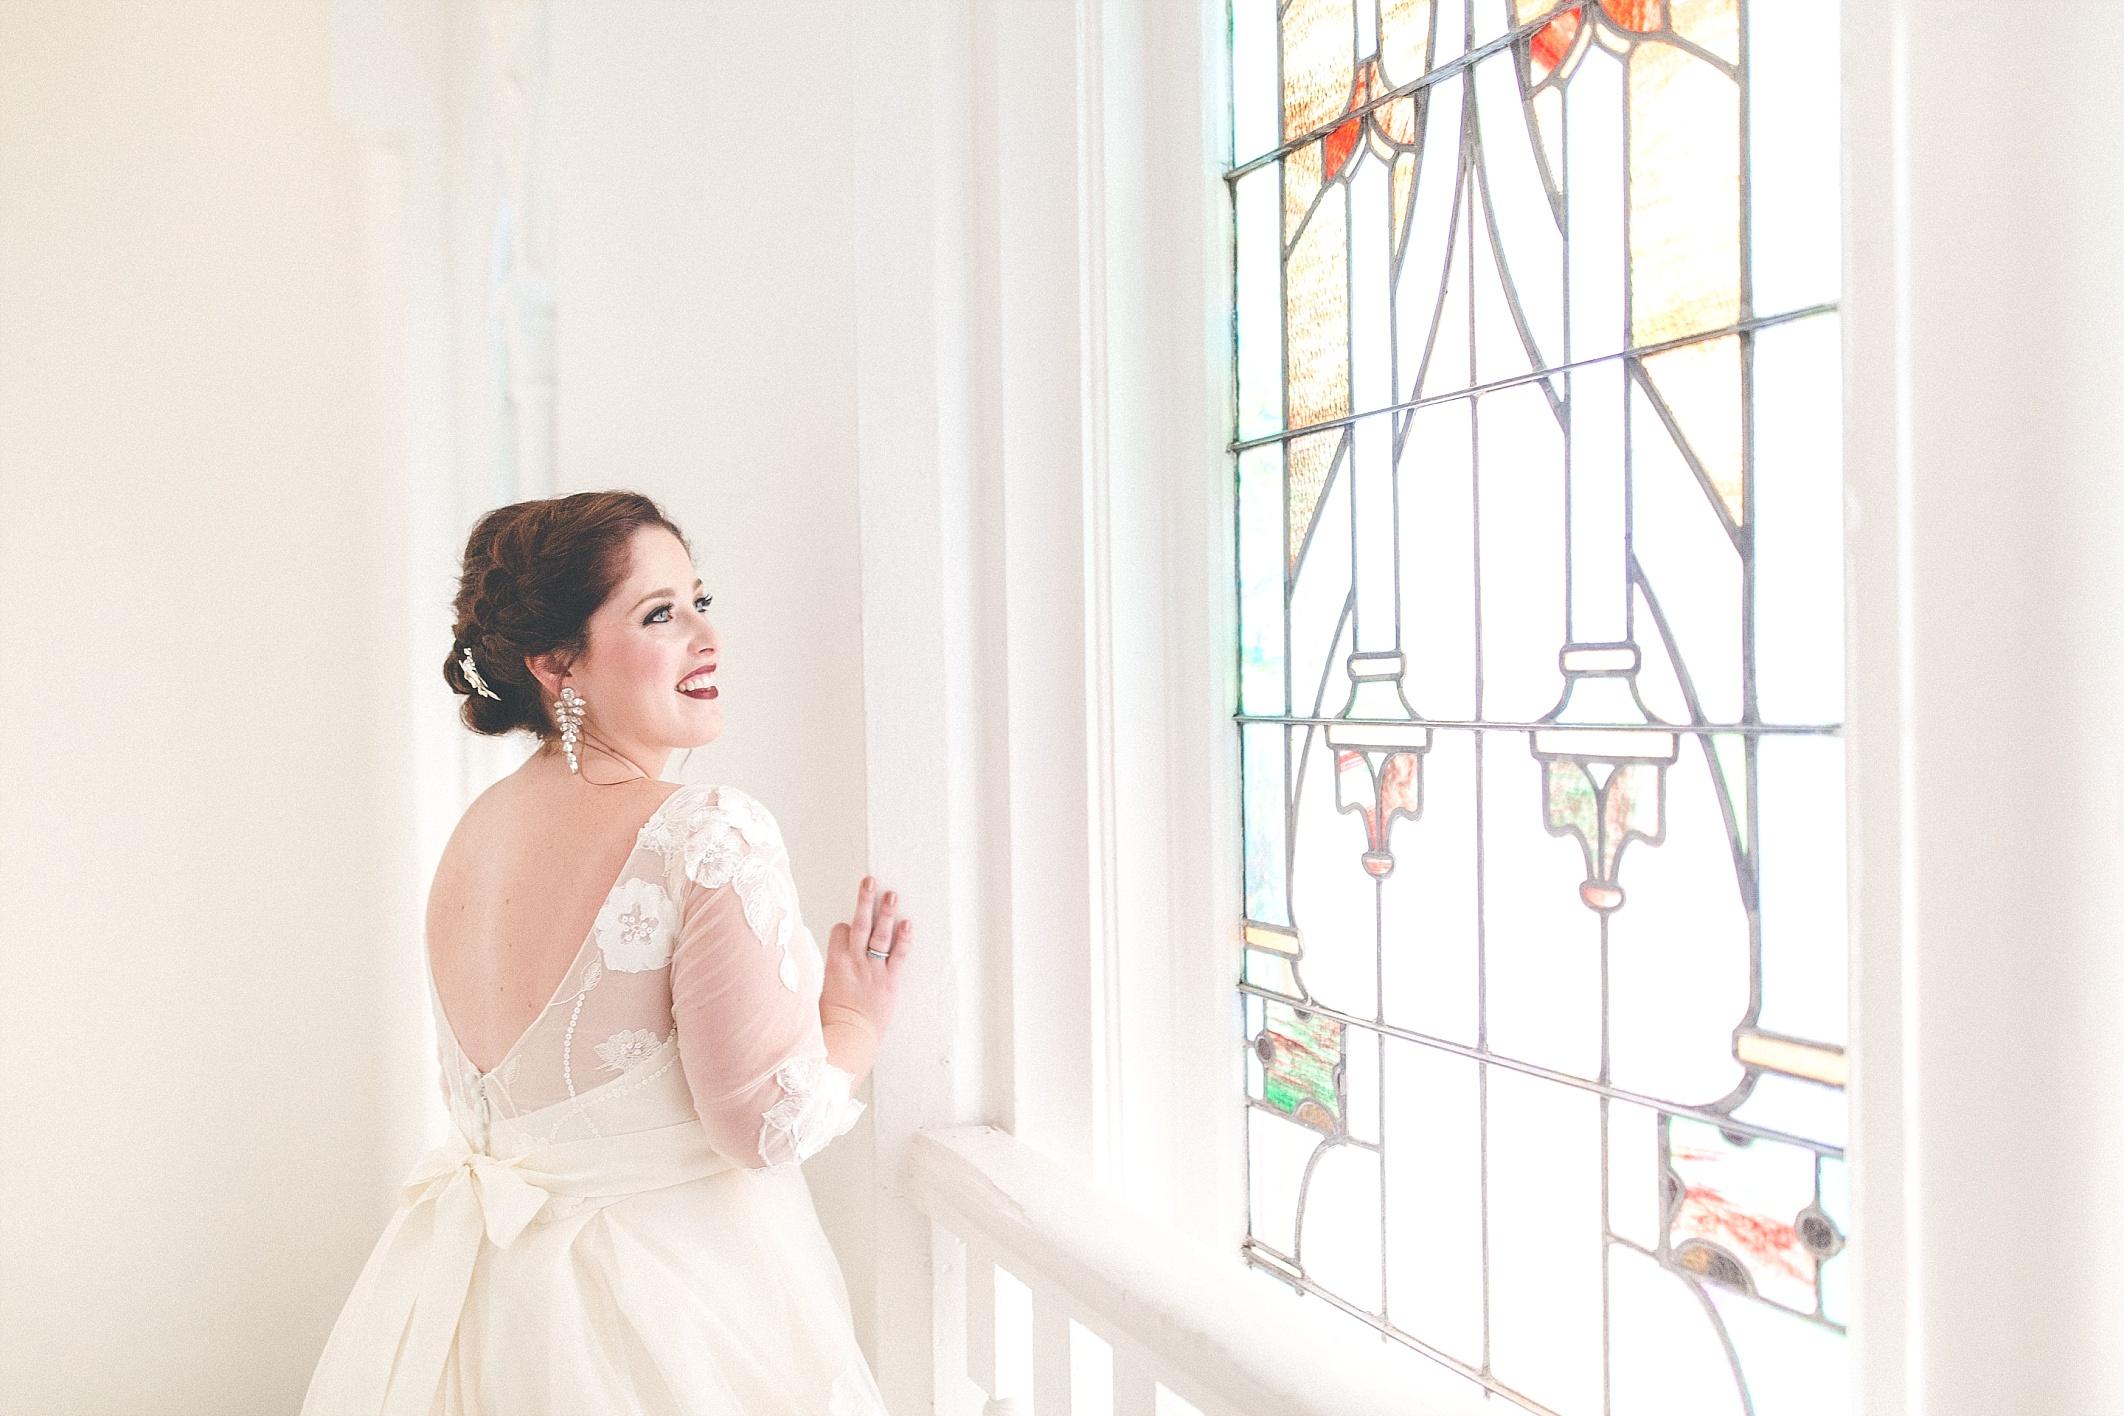 hilary-aaron-cincinnati-trancept-wedding-photographer-dayton-ohio_0007.jpg